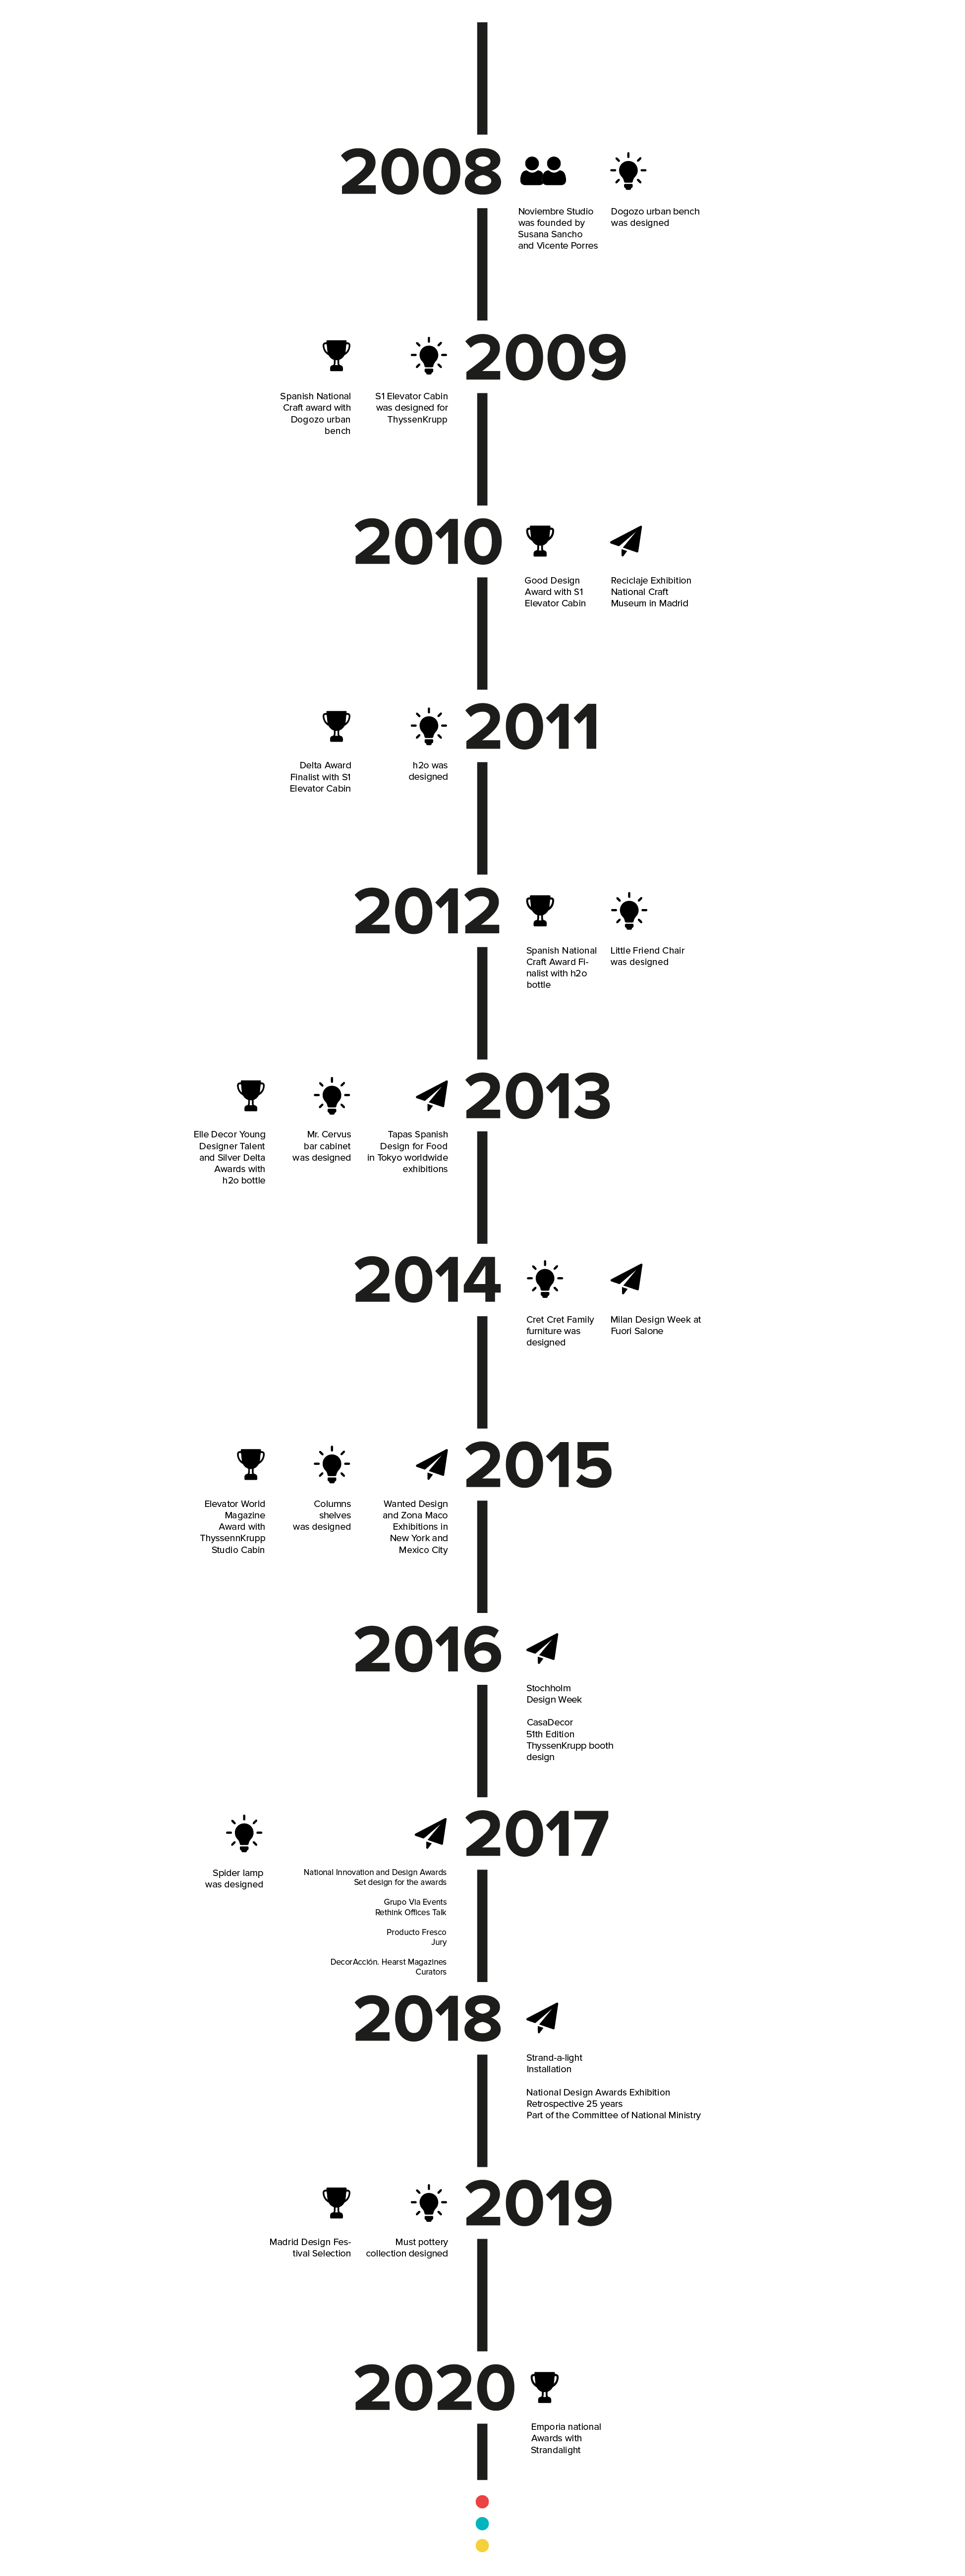 cronologia_trabajos_noviembre_estudio